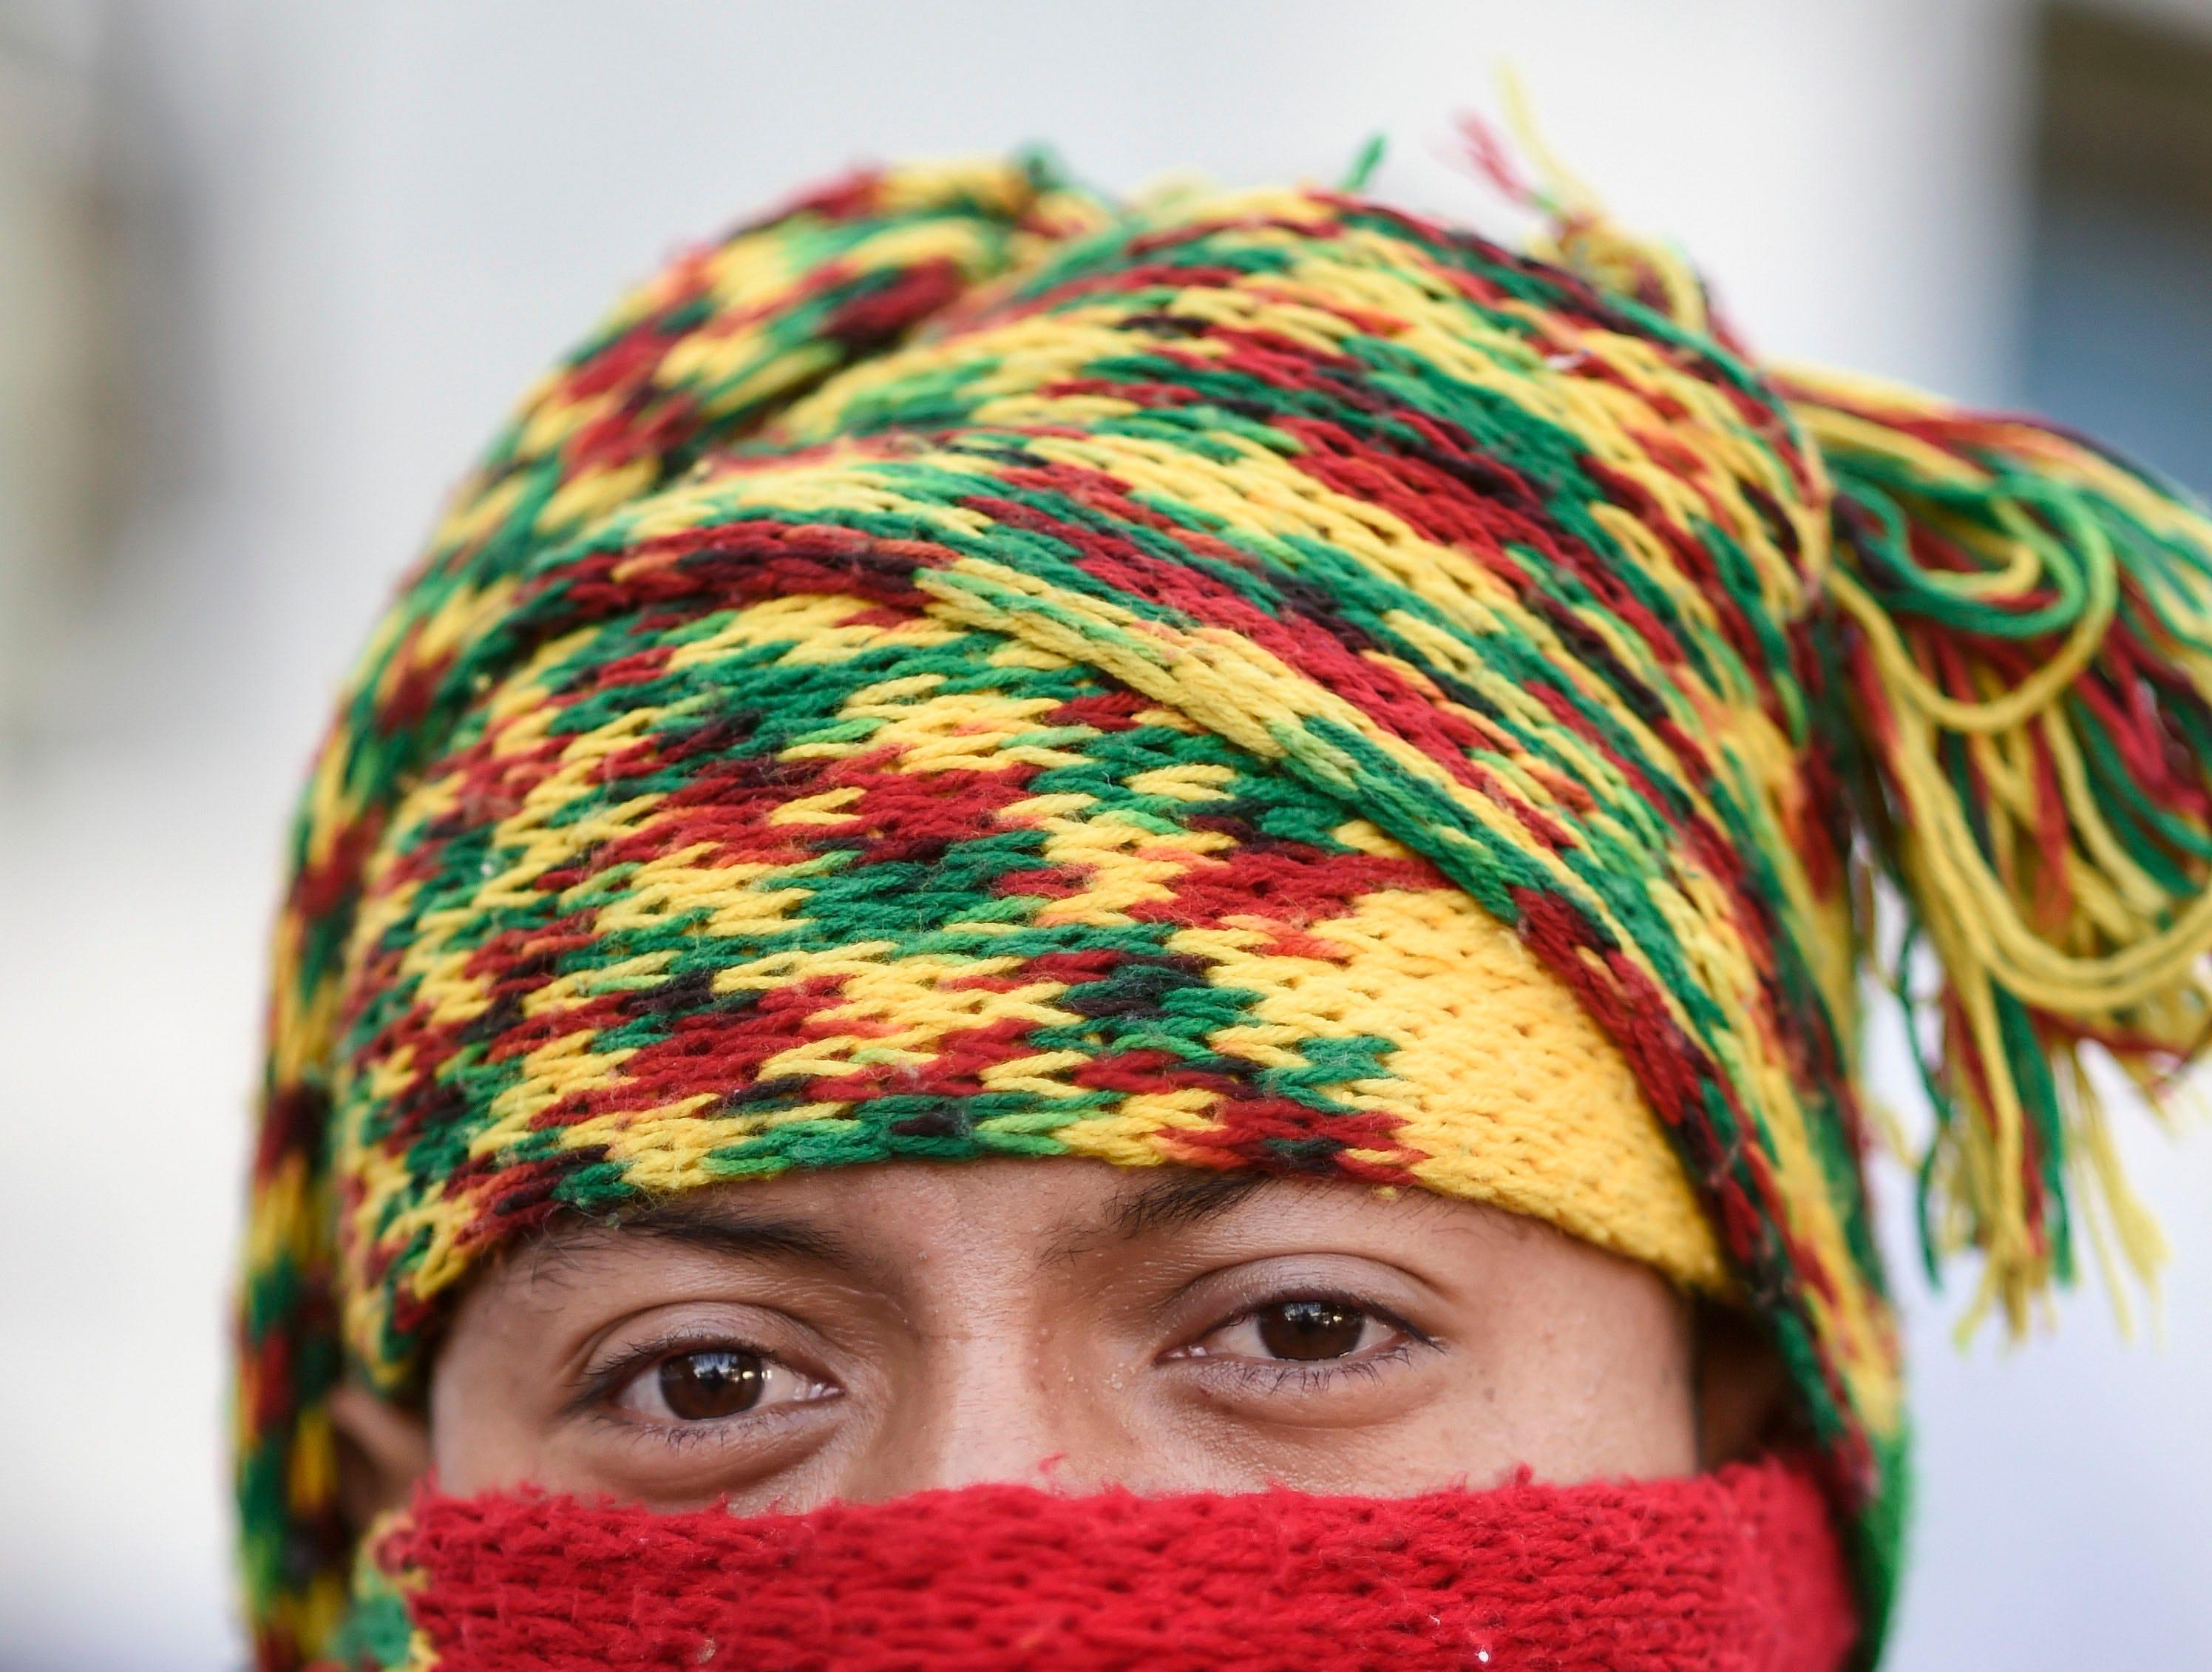 Sergio Cortez, hondureño, 21 años. Estos son los rostros de los migrantes centroamericanos que huyen de la pobreza y violencia que se vive en sus países; y que por medio de una caravana caminan cientos de kilómetros cruzando ciudades, ríos, carreteras, bosques y fronteras, con el firme propósito de hacer realidad su sueño de llegar a los Estados Unidos.